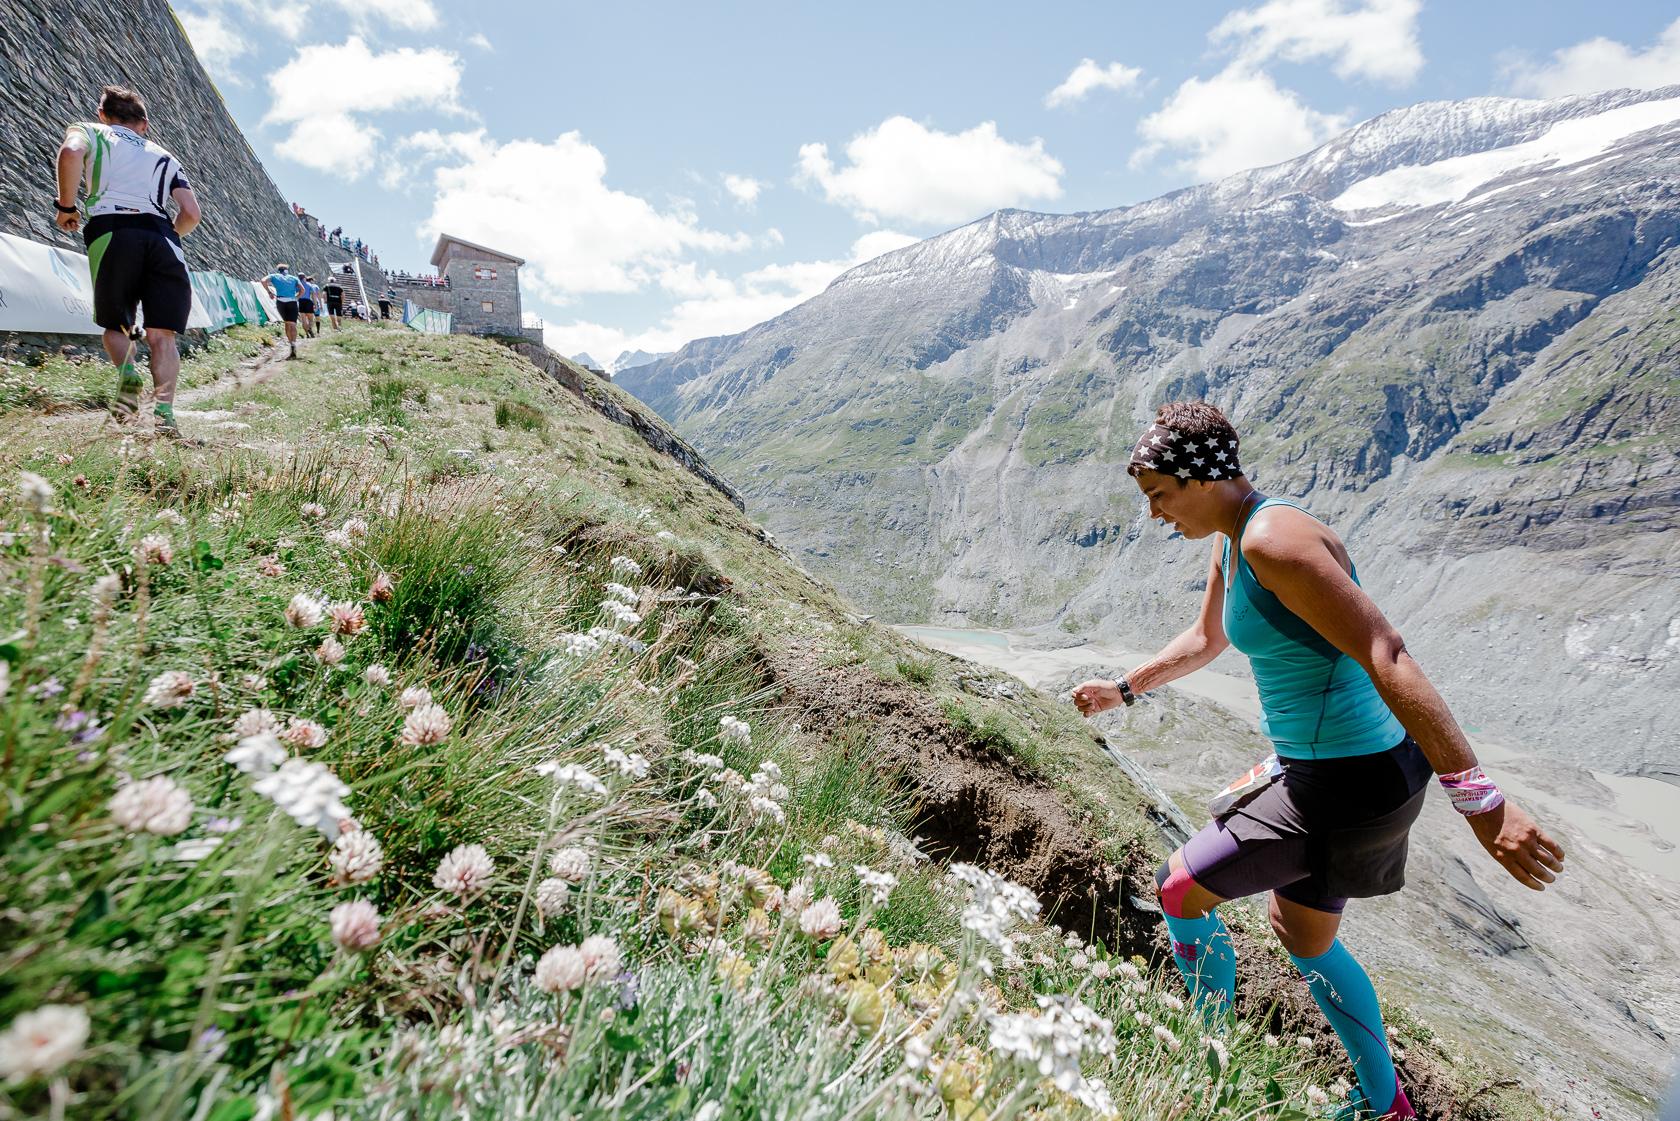 Teilnehmerin im Zielbereich beim Glocknerberglauf